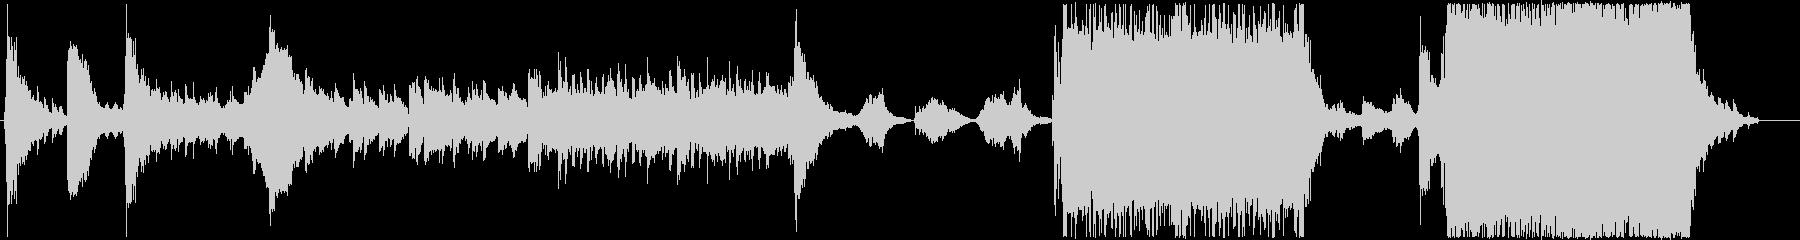 ダークファンタジーの冒頭風BGMの未再生の波形